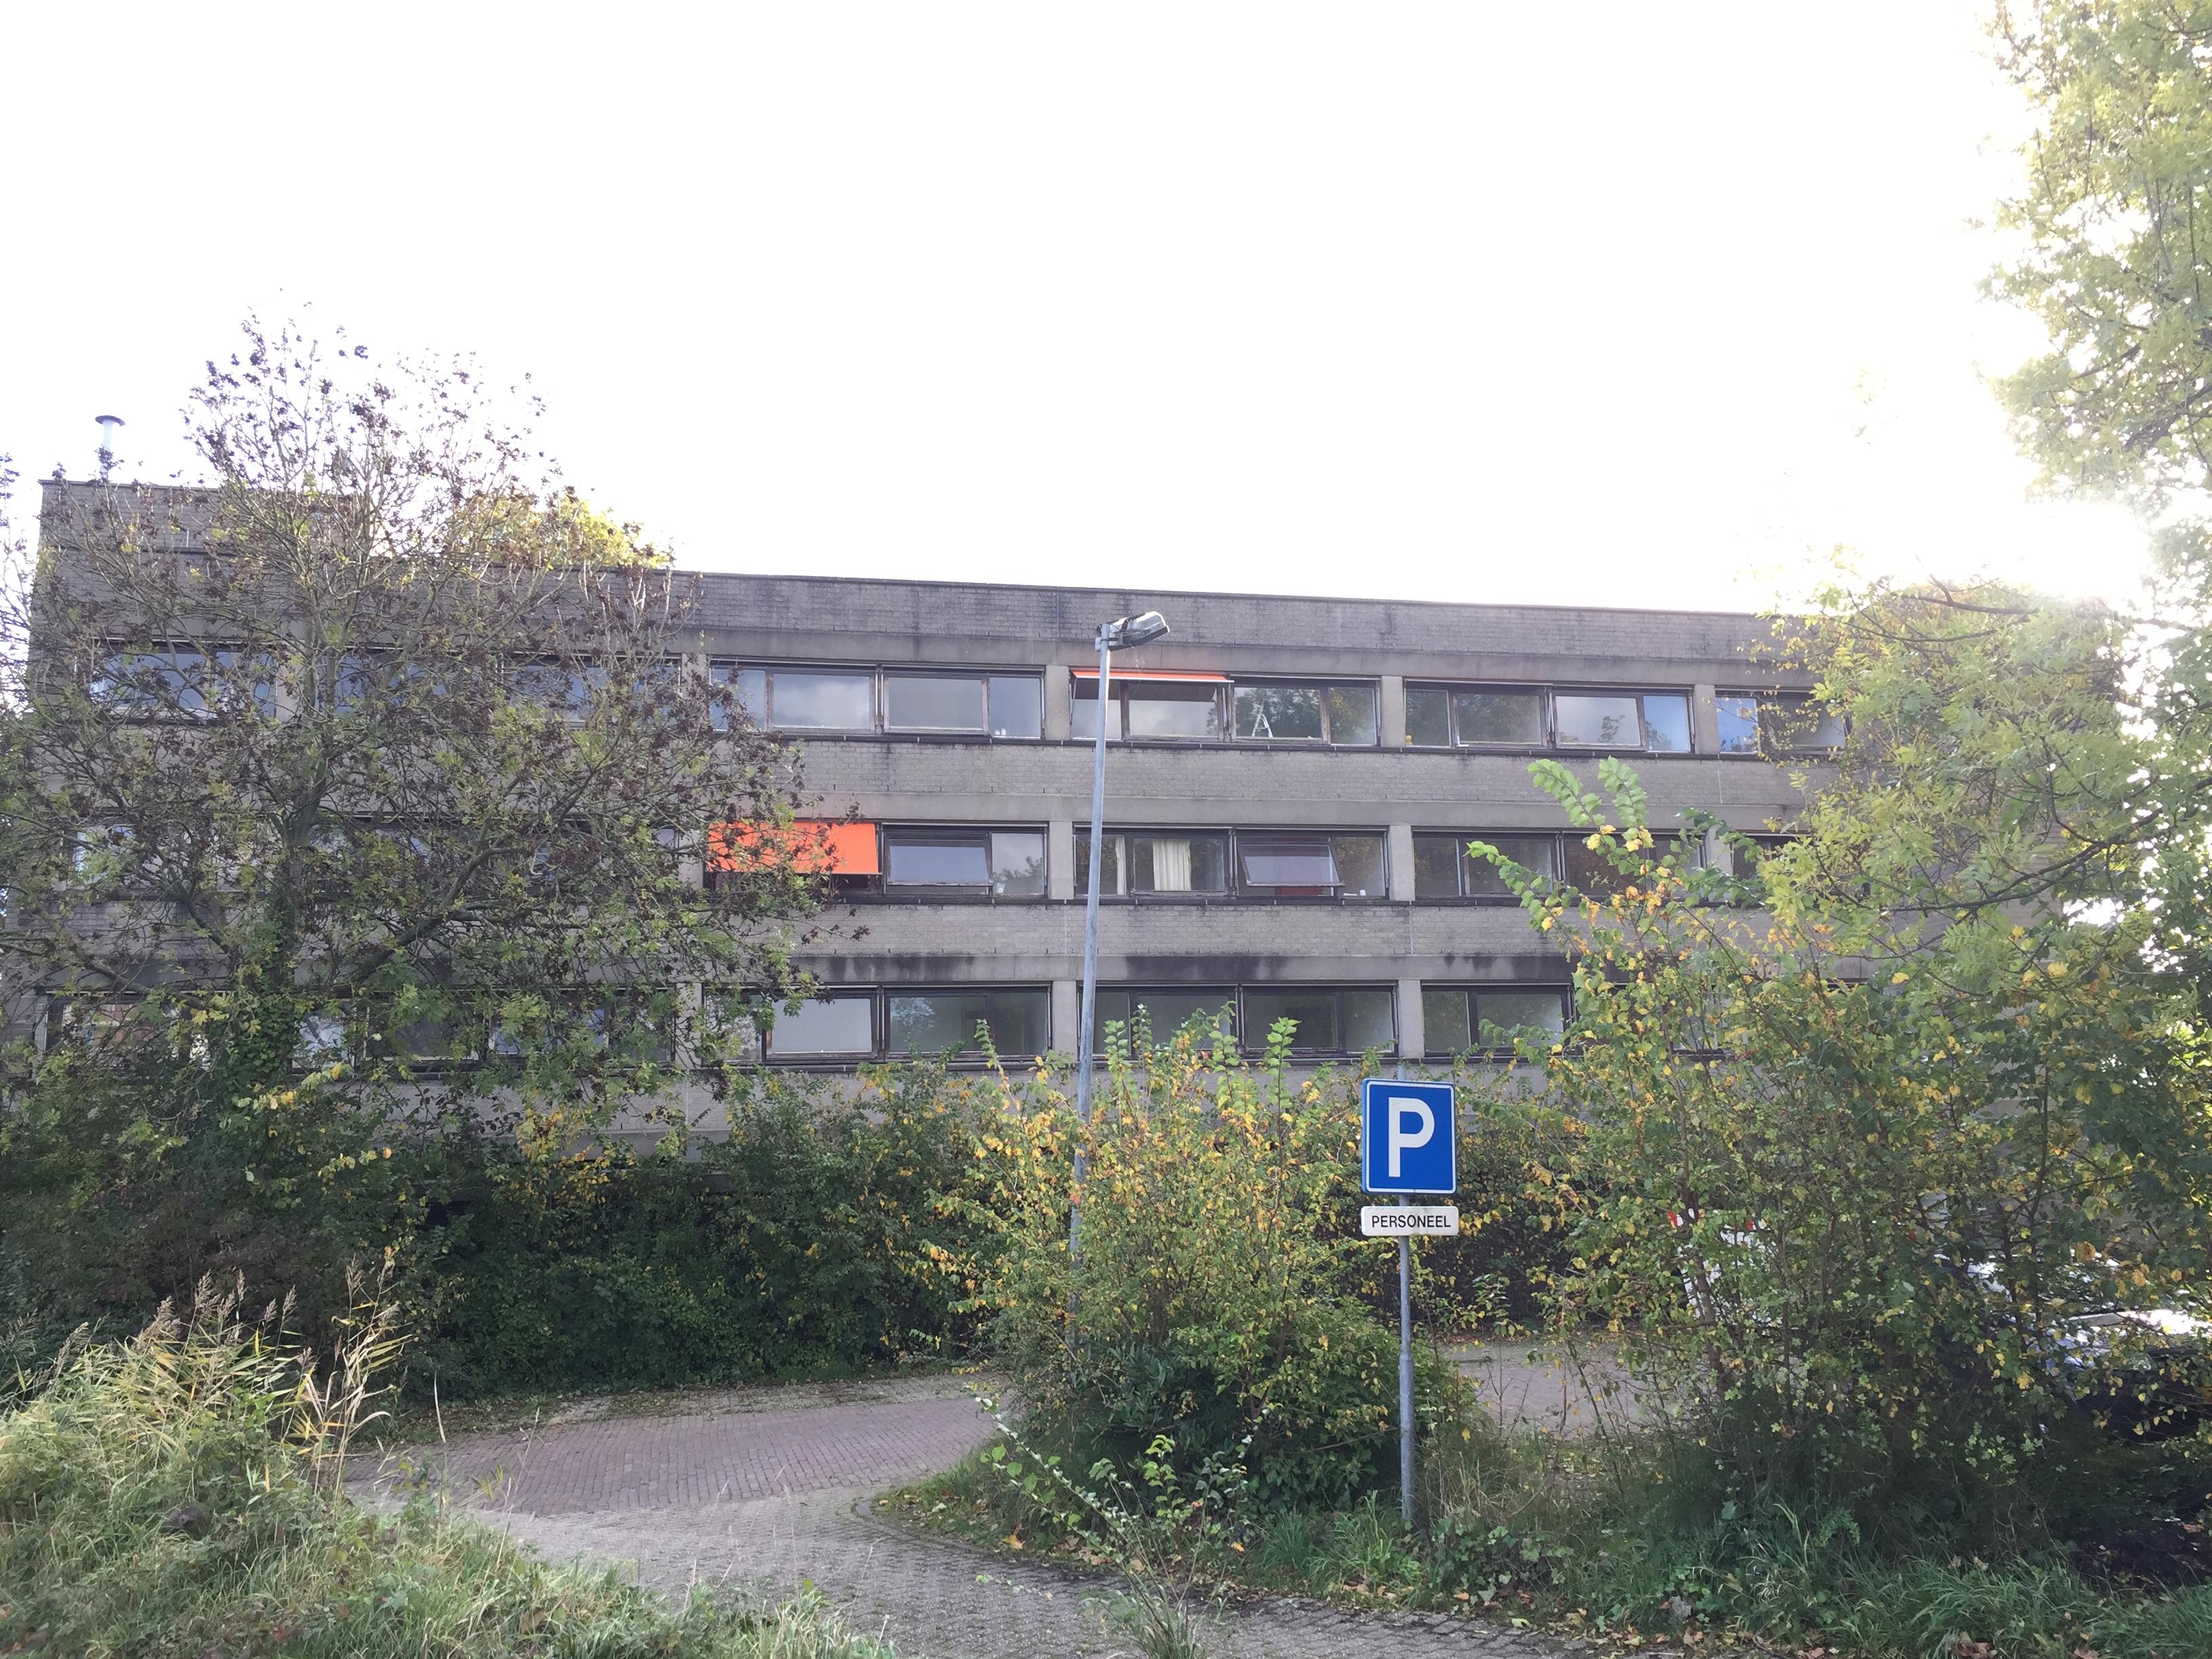 Huizen Huren Rotterdam : Studentenkamers te huur in rotterdam lombardijen van der huizen